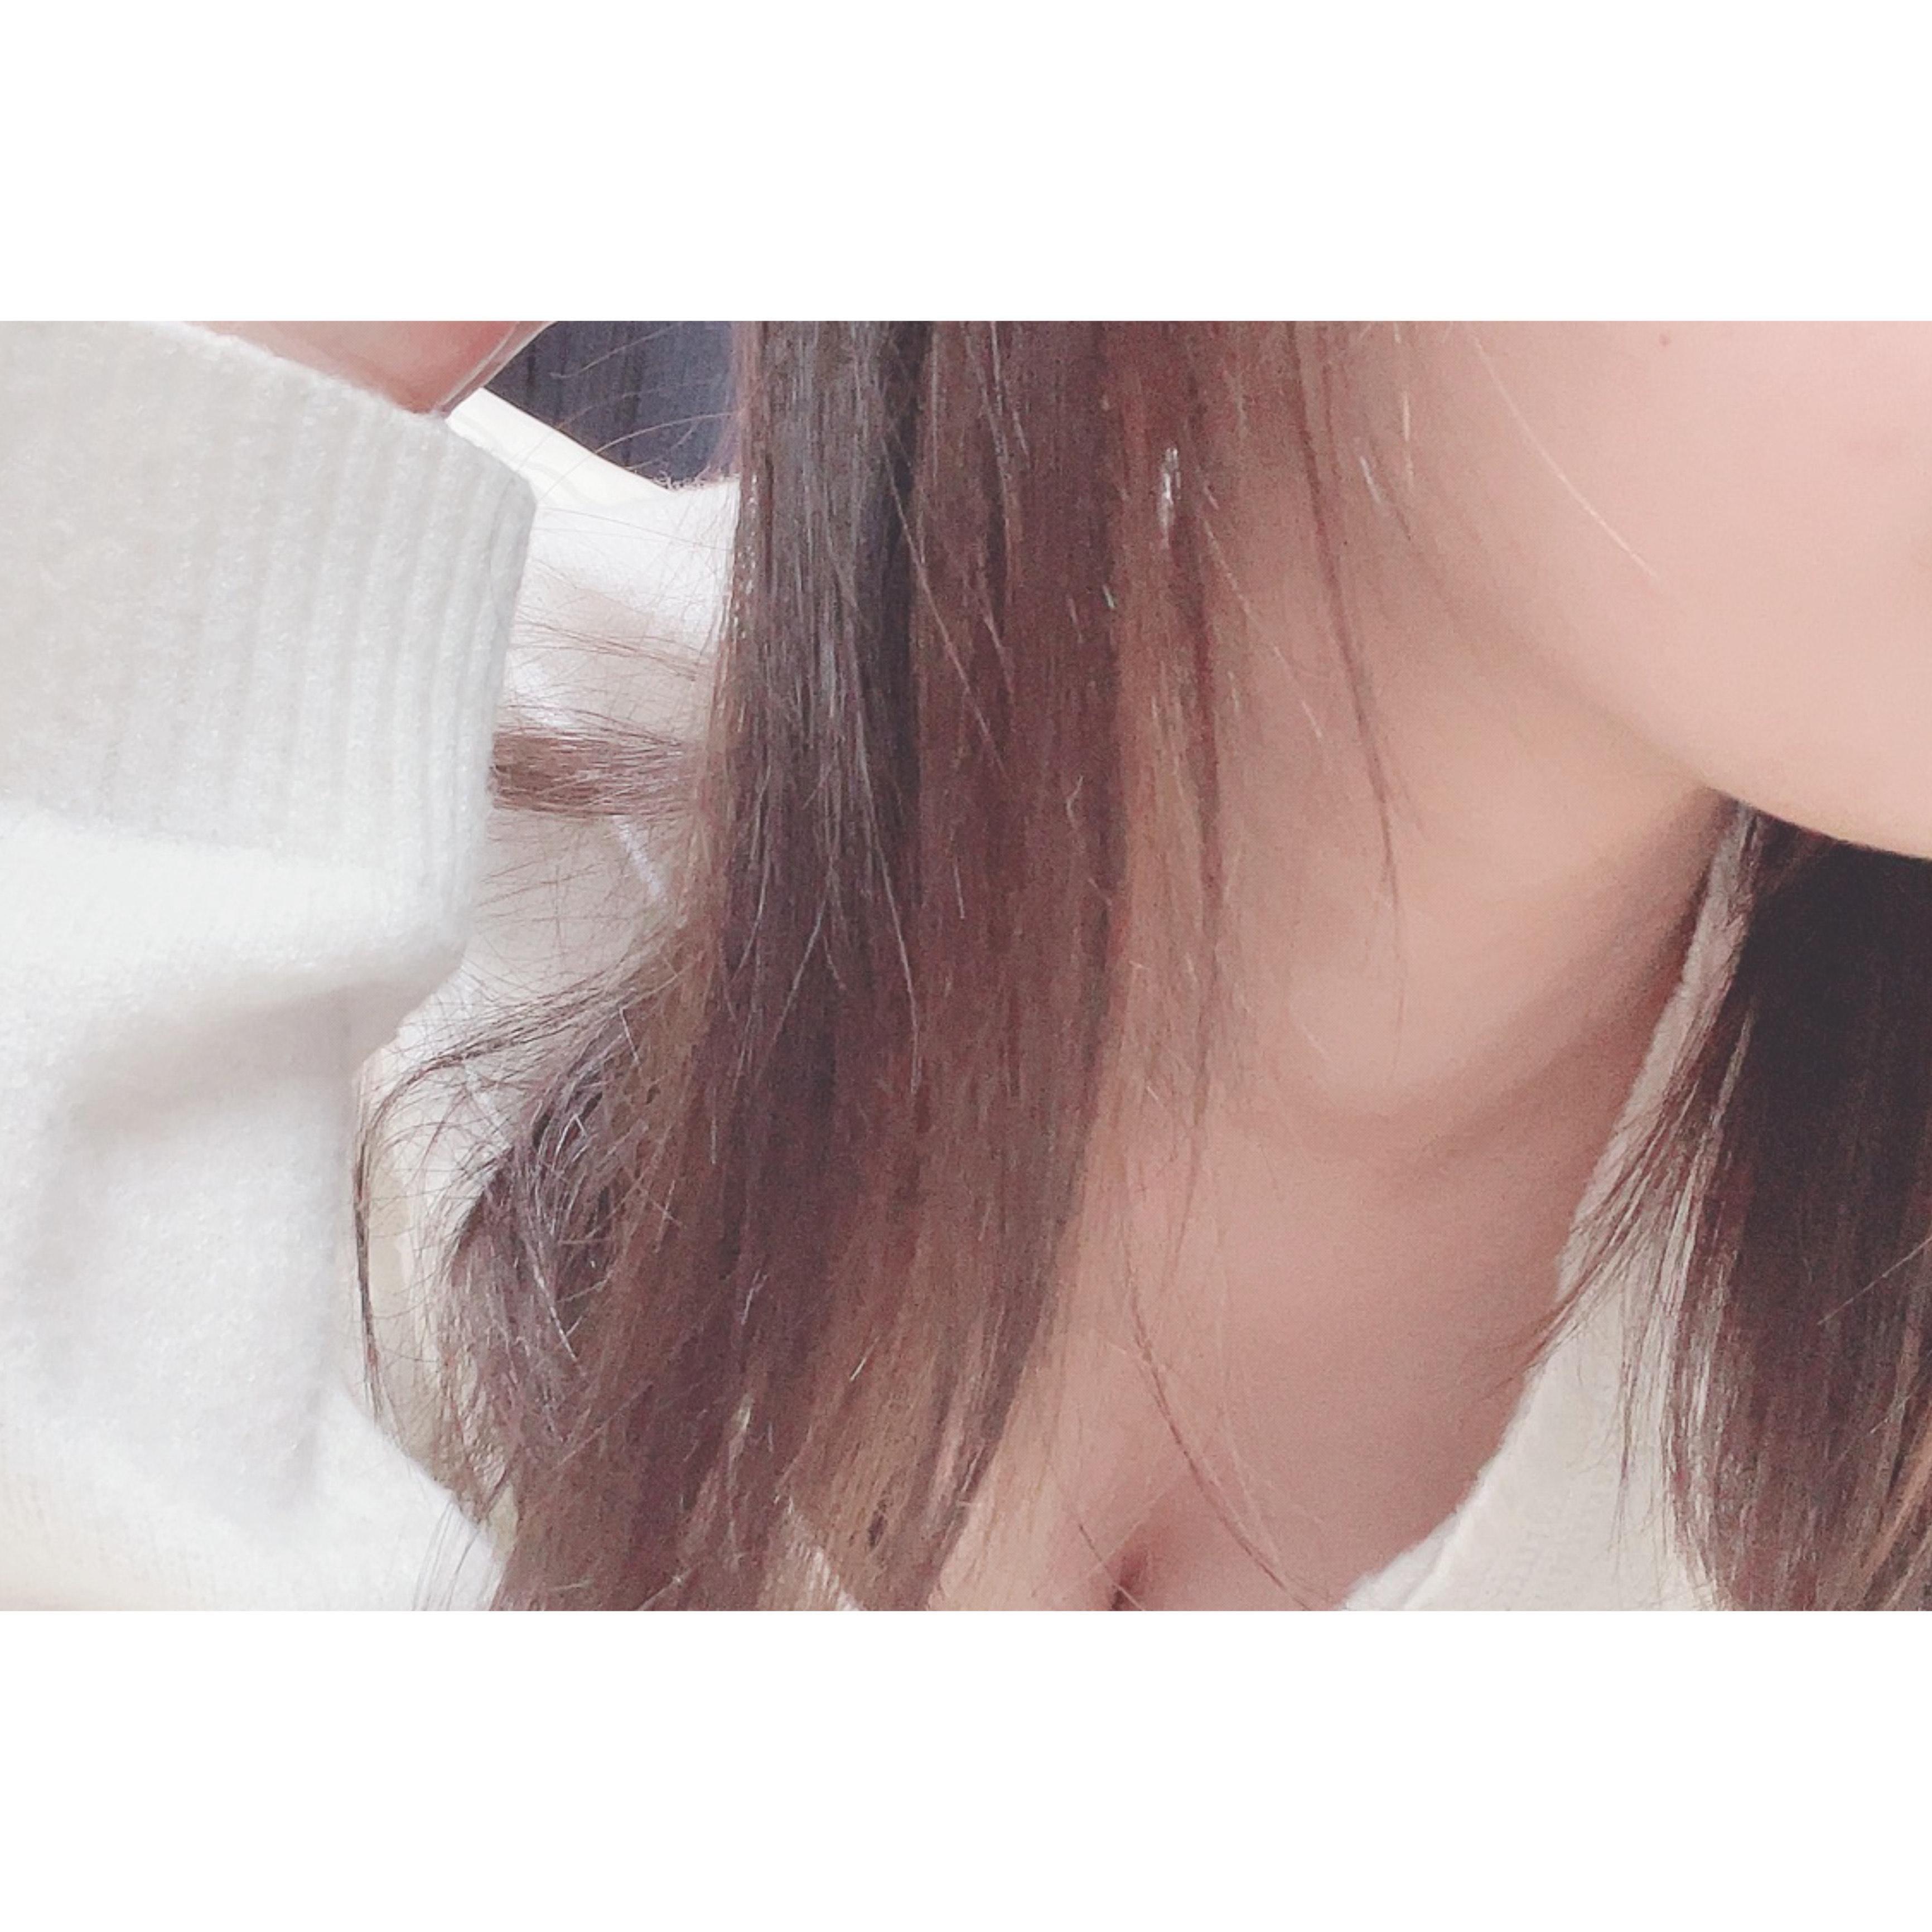 「みなみなみっ」04/10(04/10) 23:03 | 美南セラピストの写メ・風俗動画